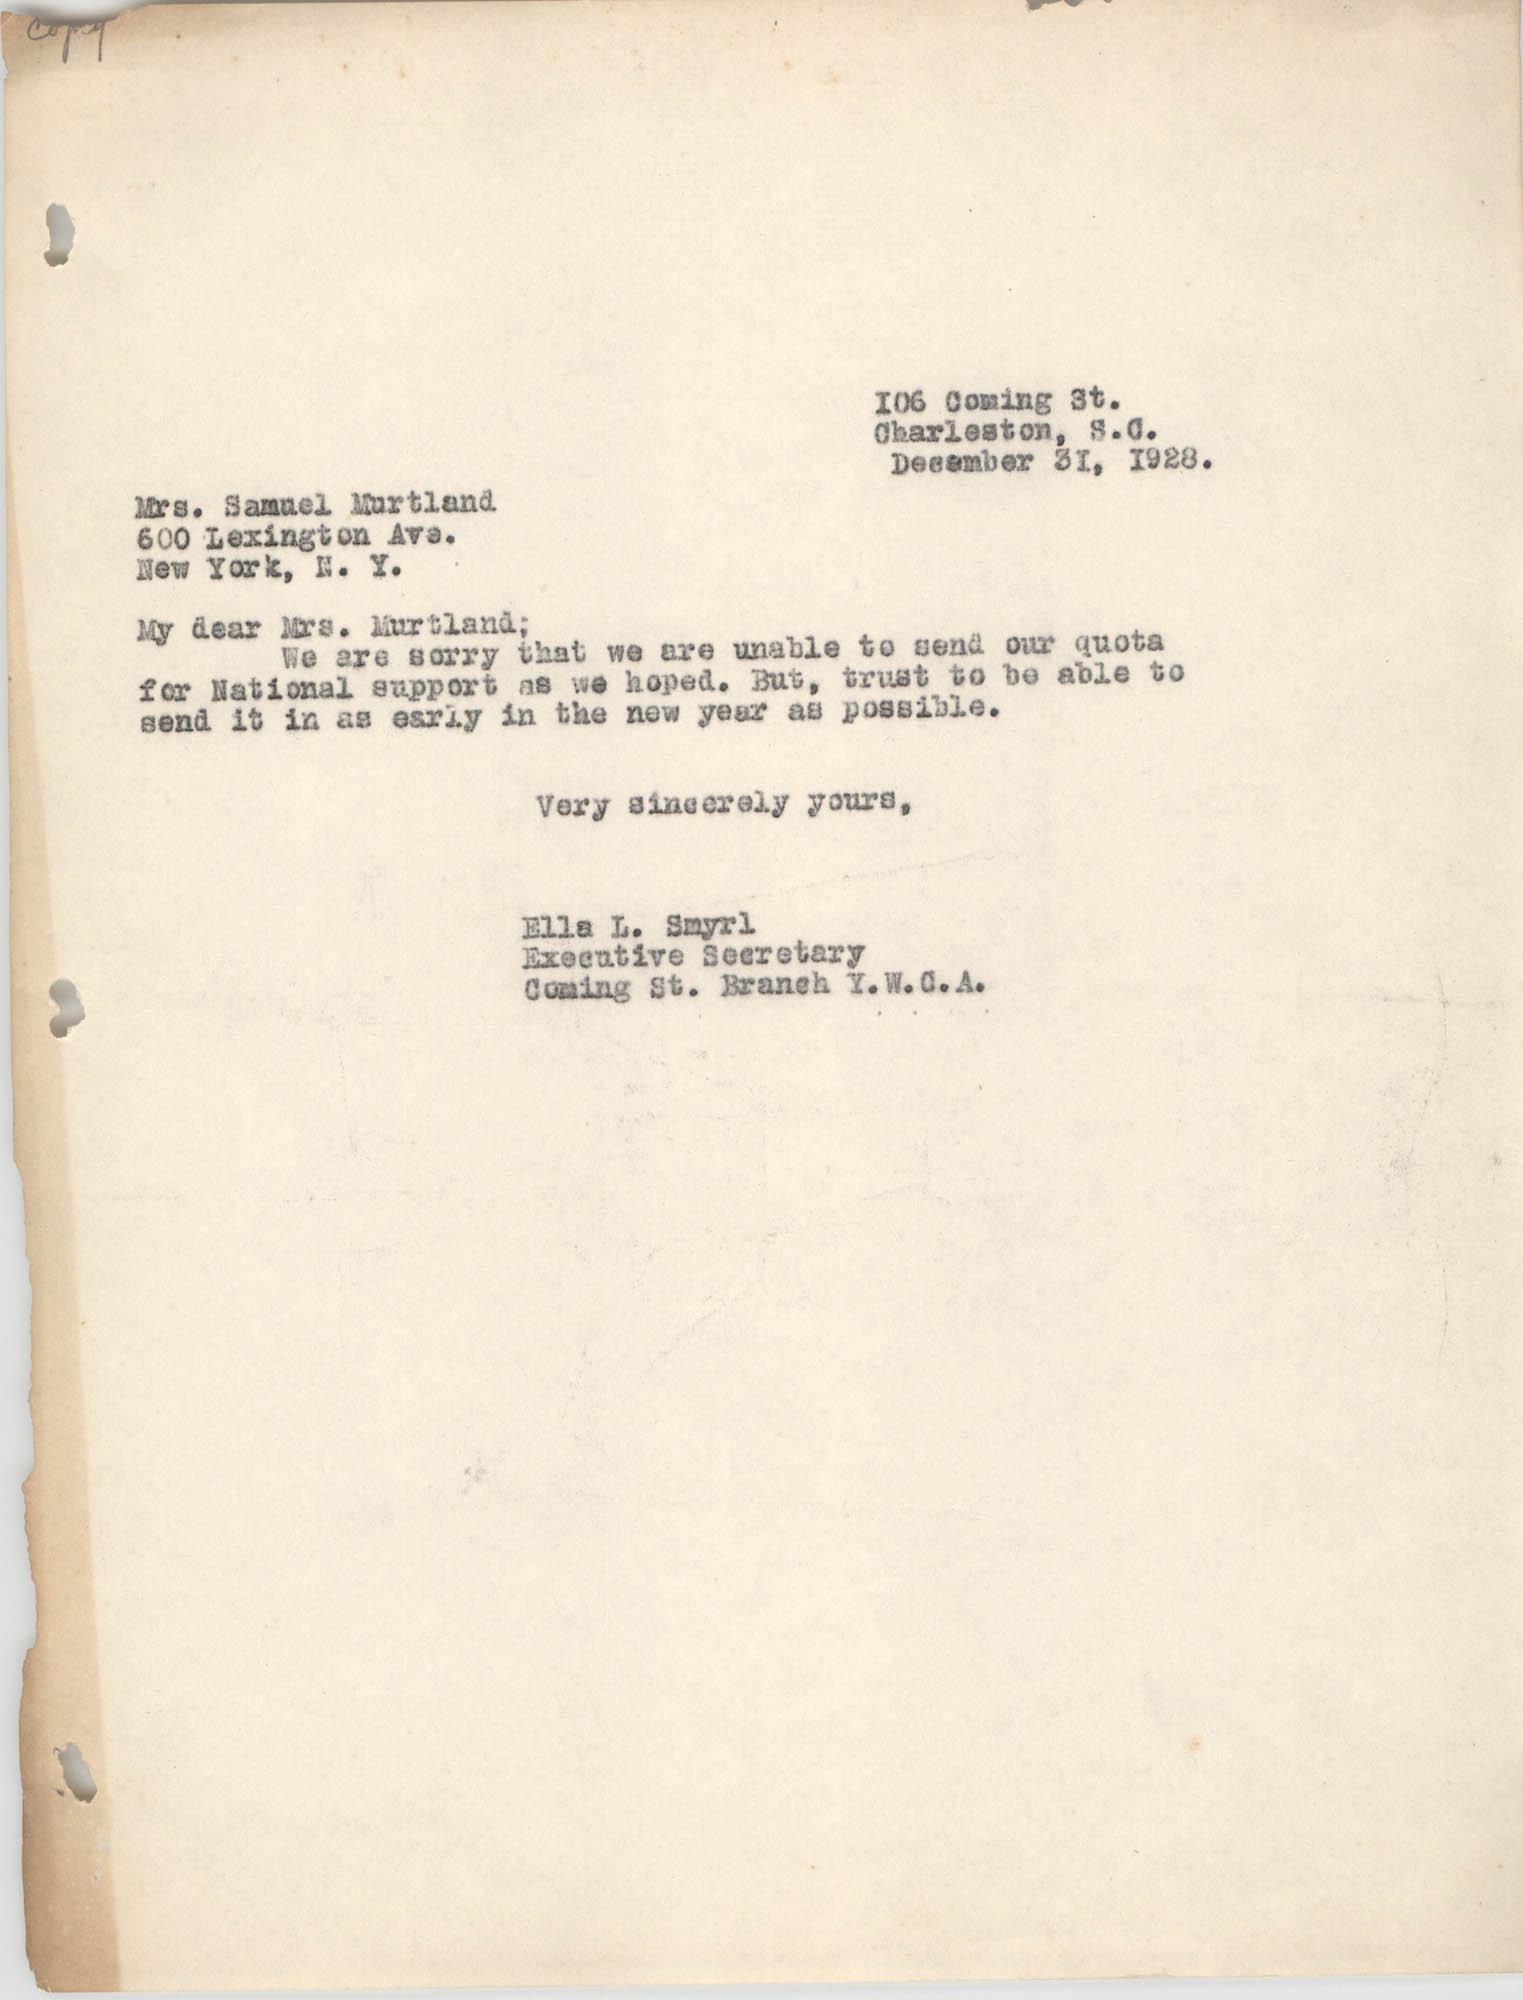 Letter from Ella L. Smyrl to Samuel Murtland, December 31, 1928